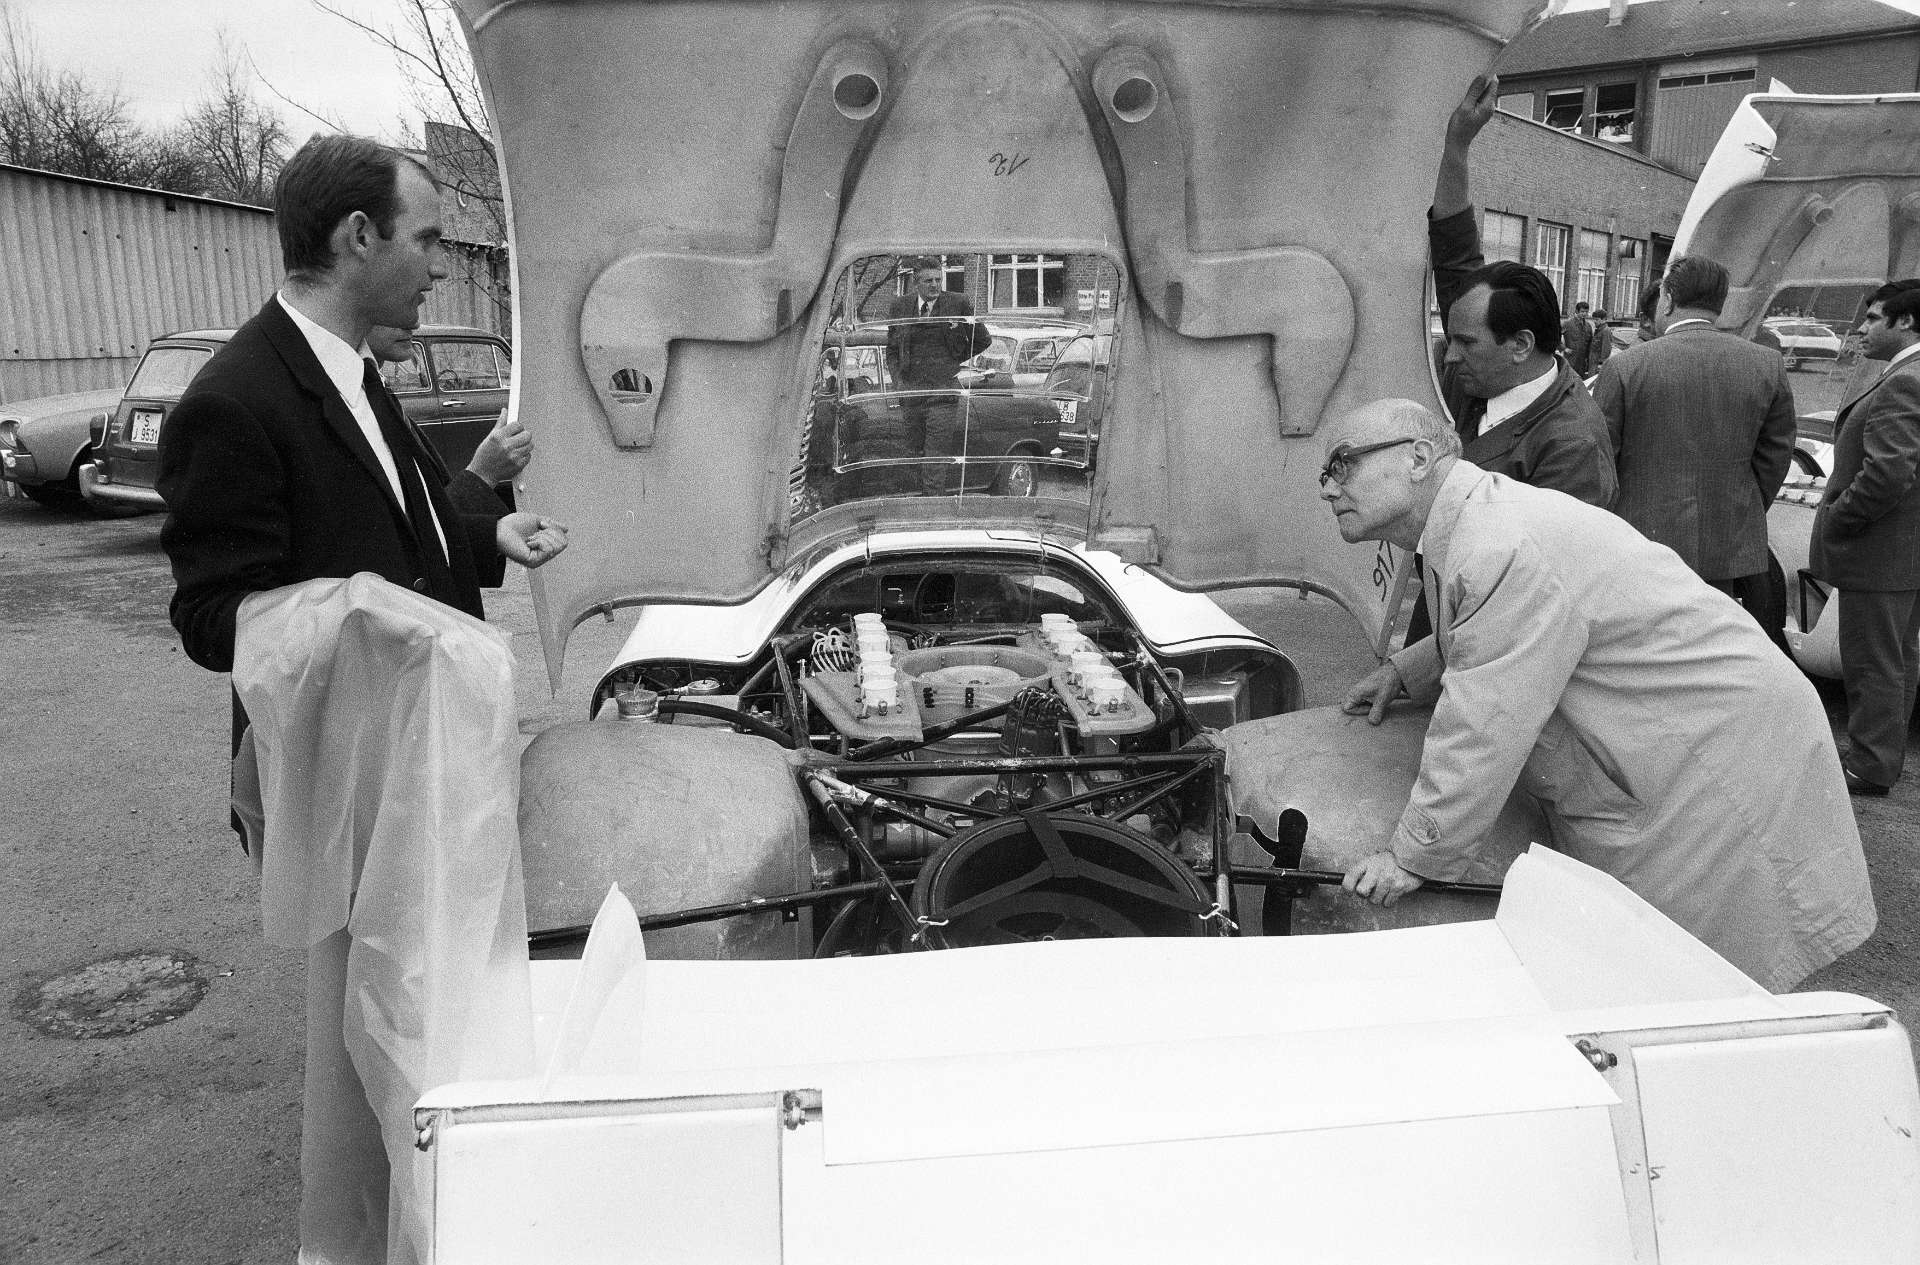 Ferdinand Piëch am Porsche Typ 917 LH Coupé im Porsche-Werk 1.